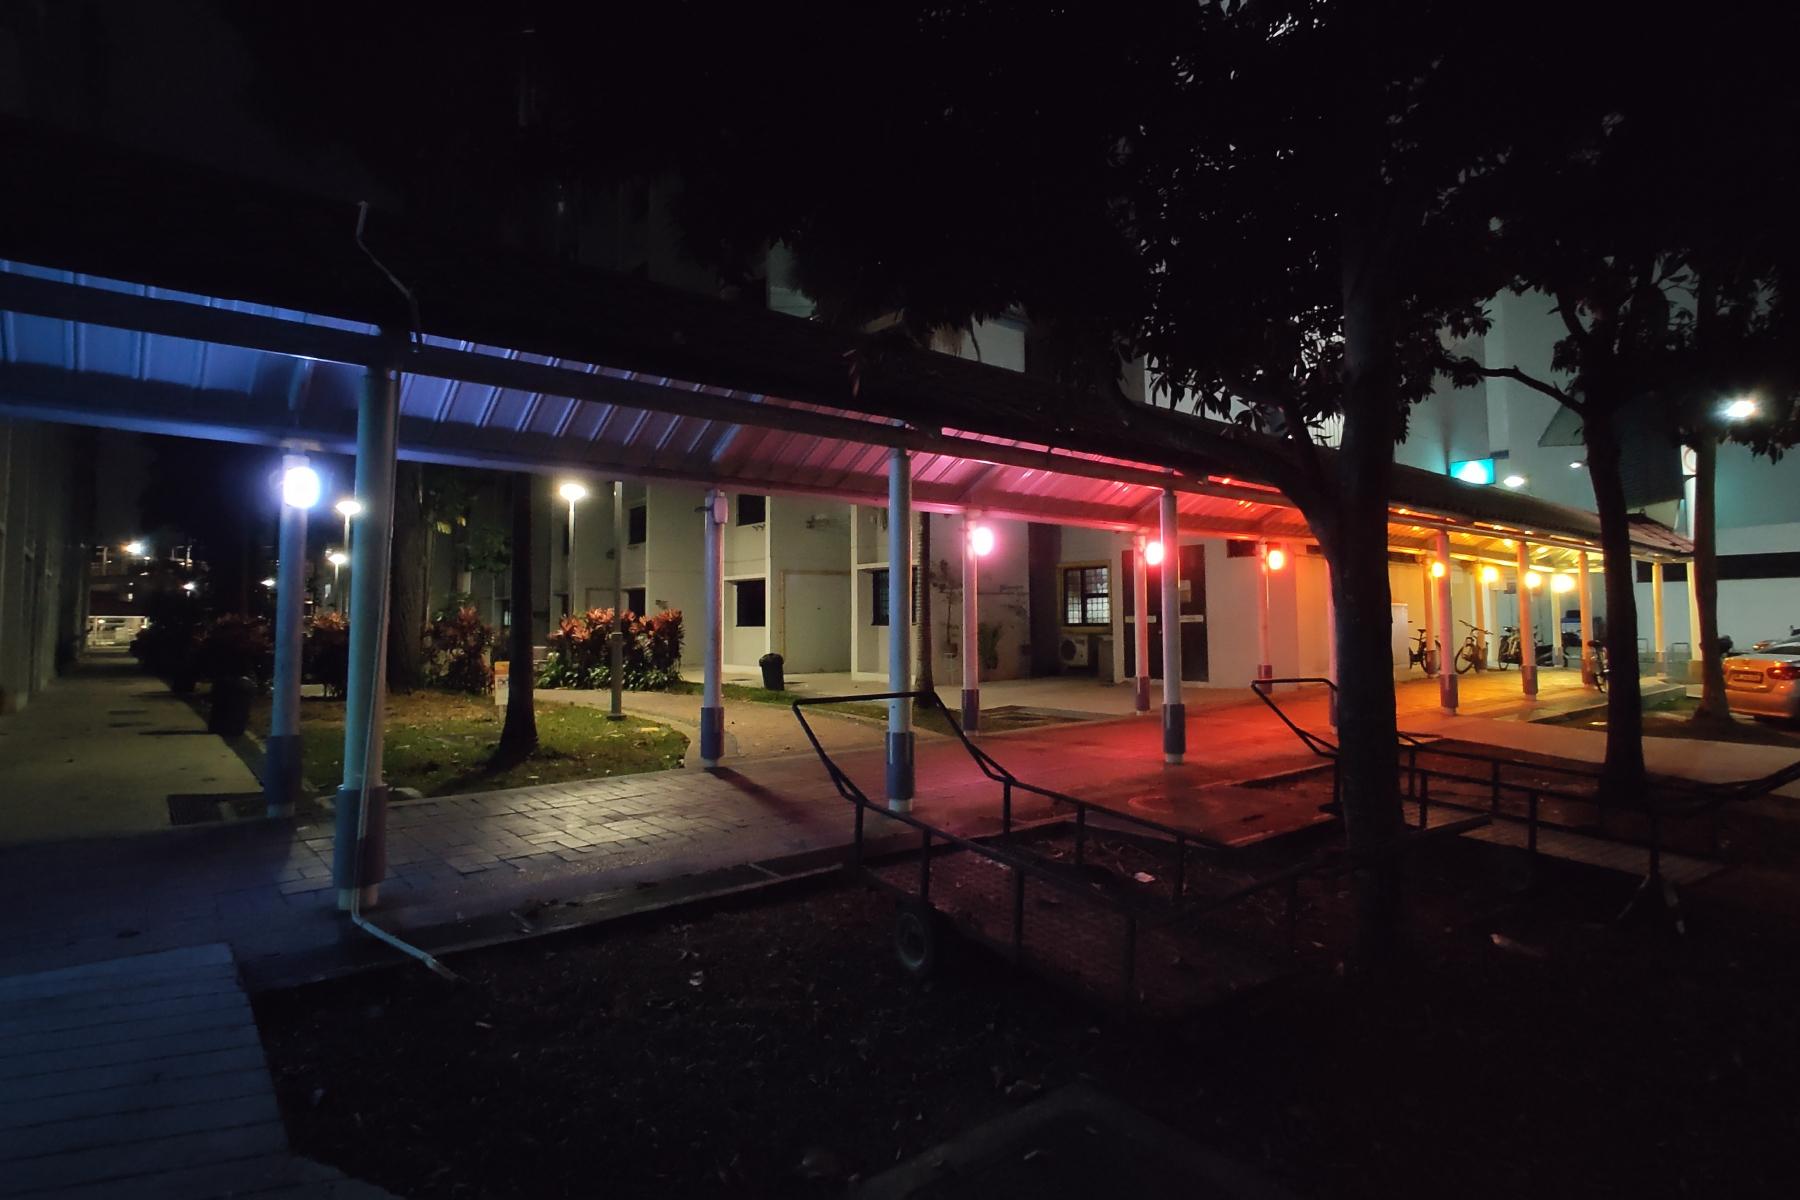 Artist spotlight: This artist lights up HDB blocks in neon hues